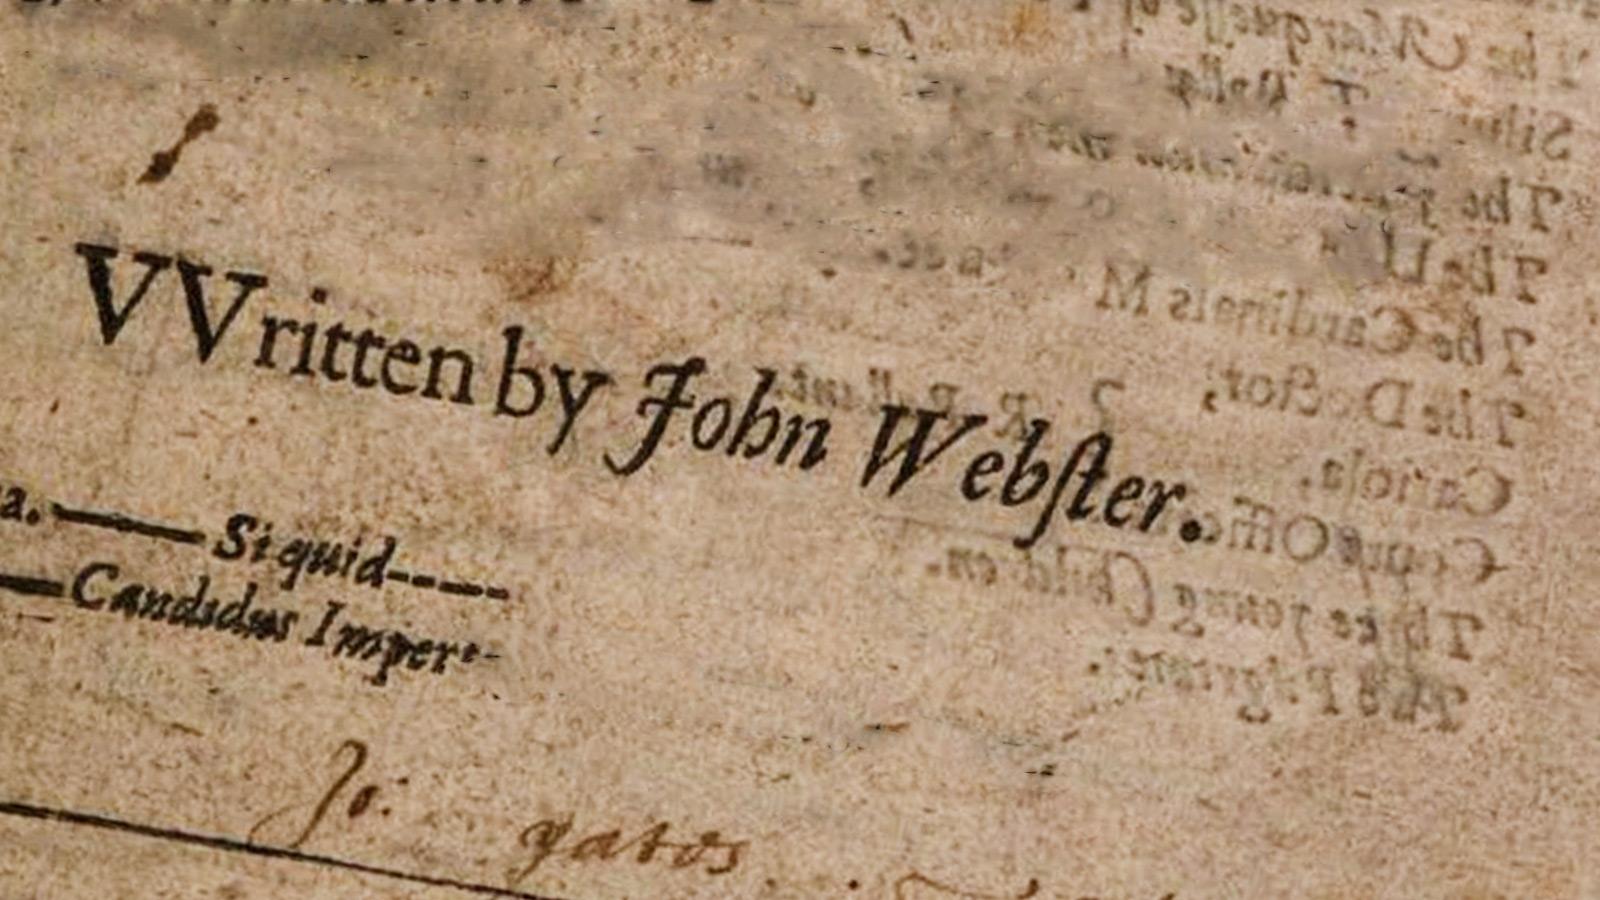 written by John Webster